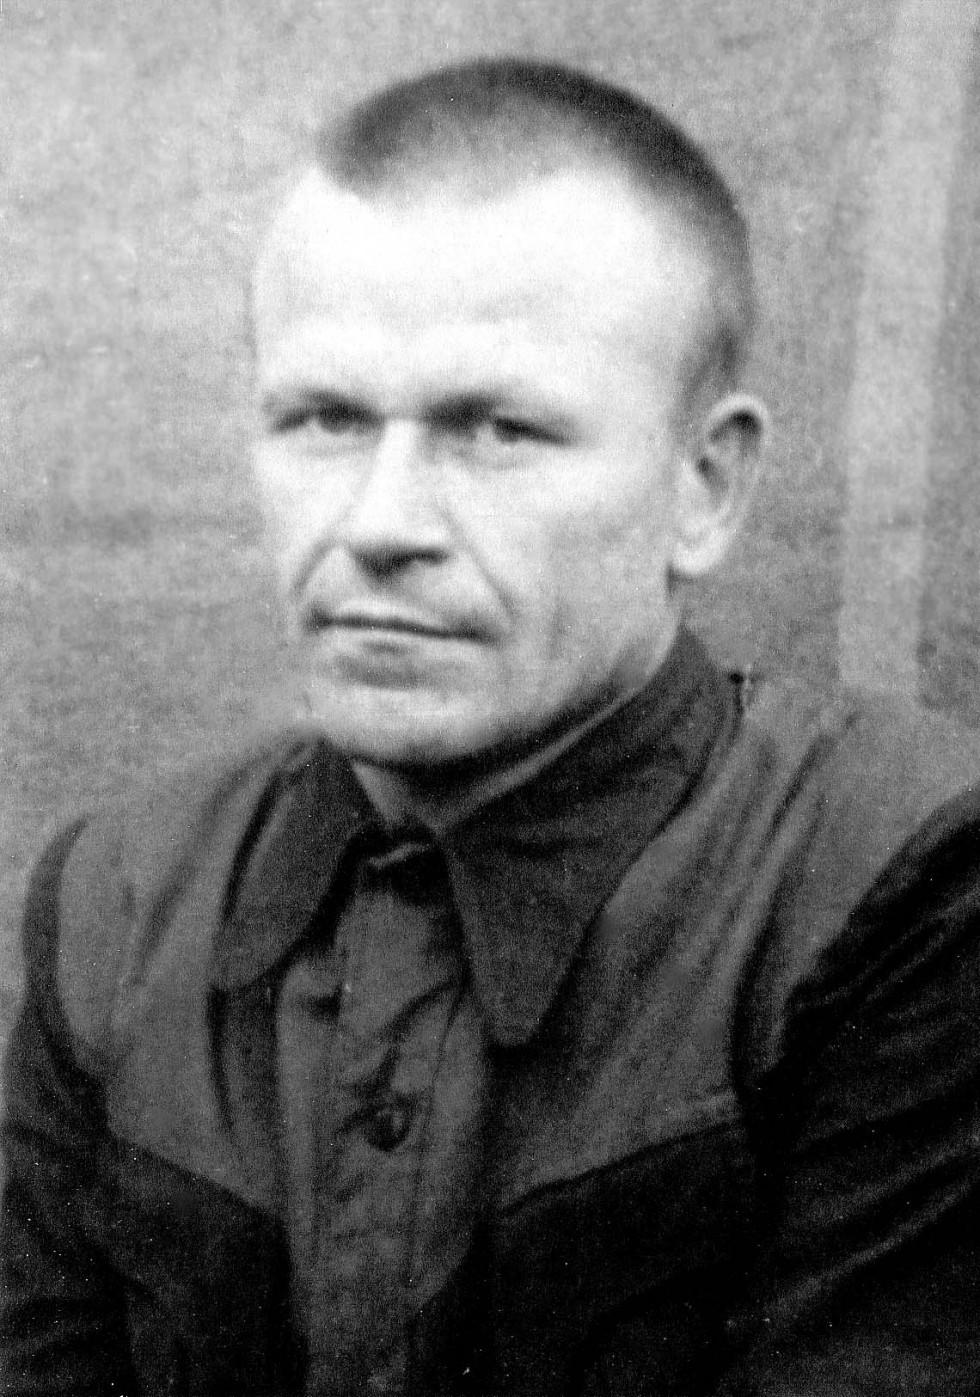 Омелян Суничук під час ув'язнення в ГУЛАГу